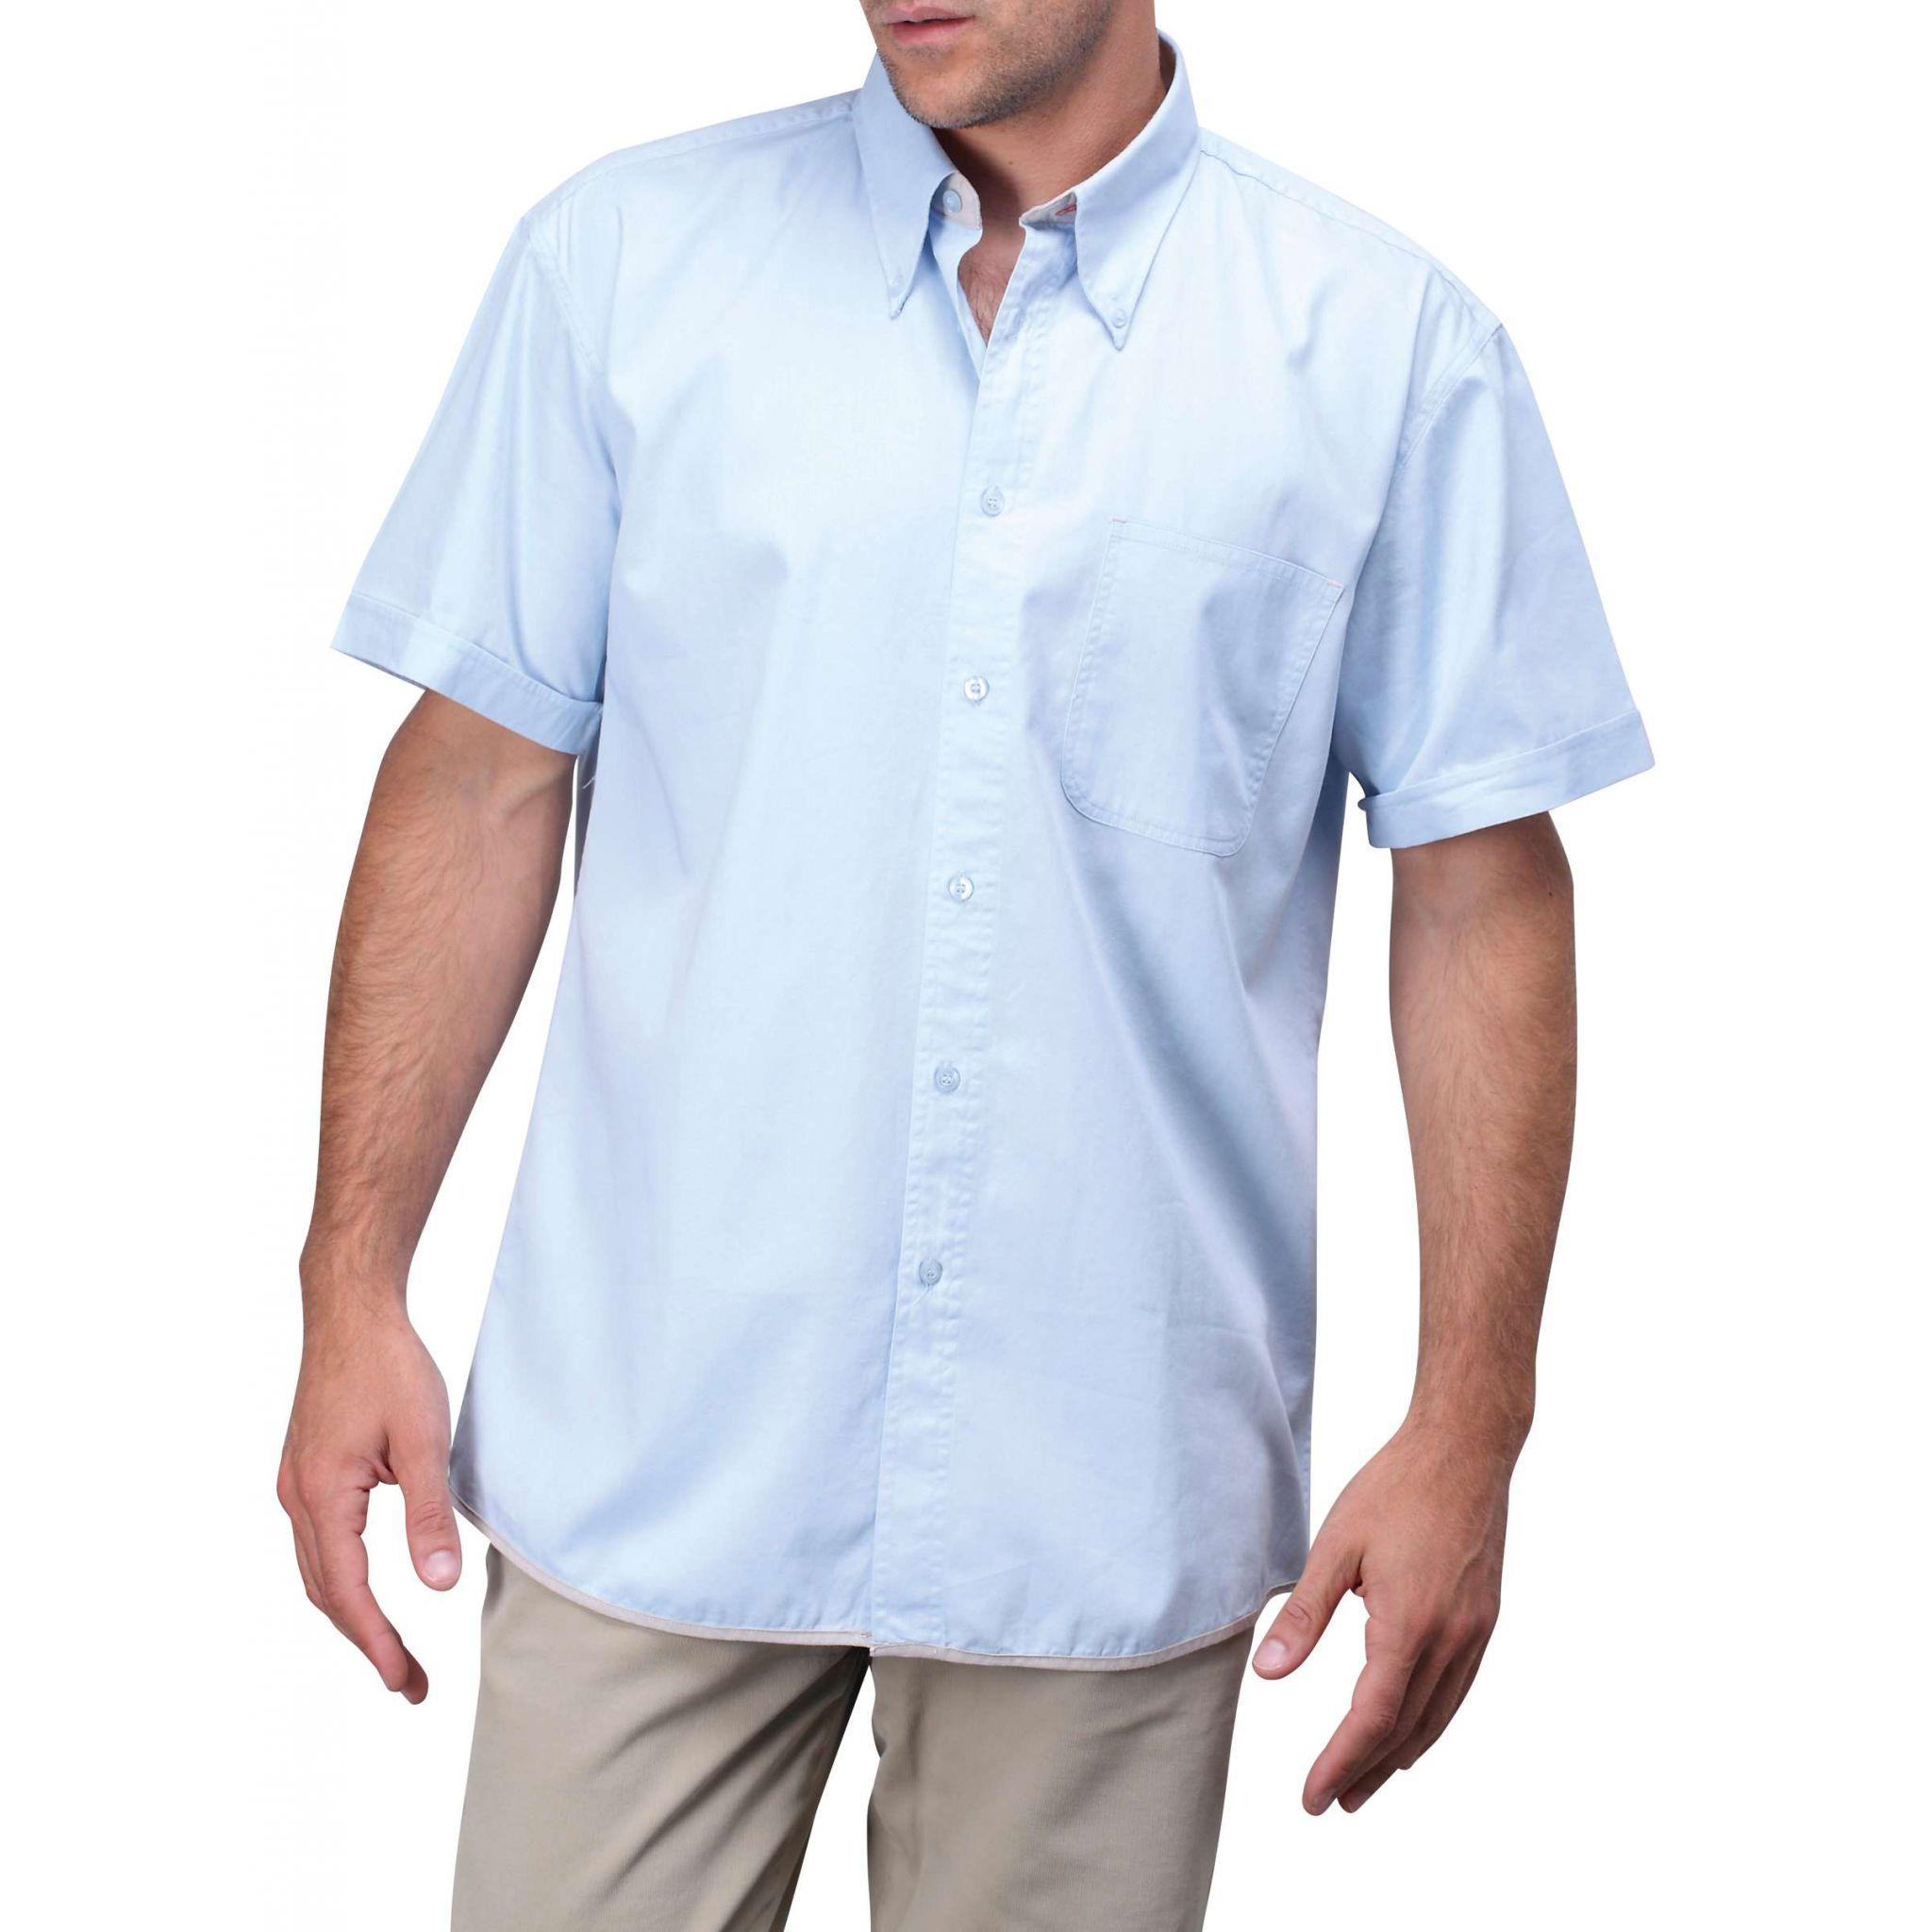 chemisette-brandy-chemise-coton-manches-courtes